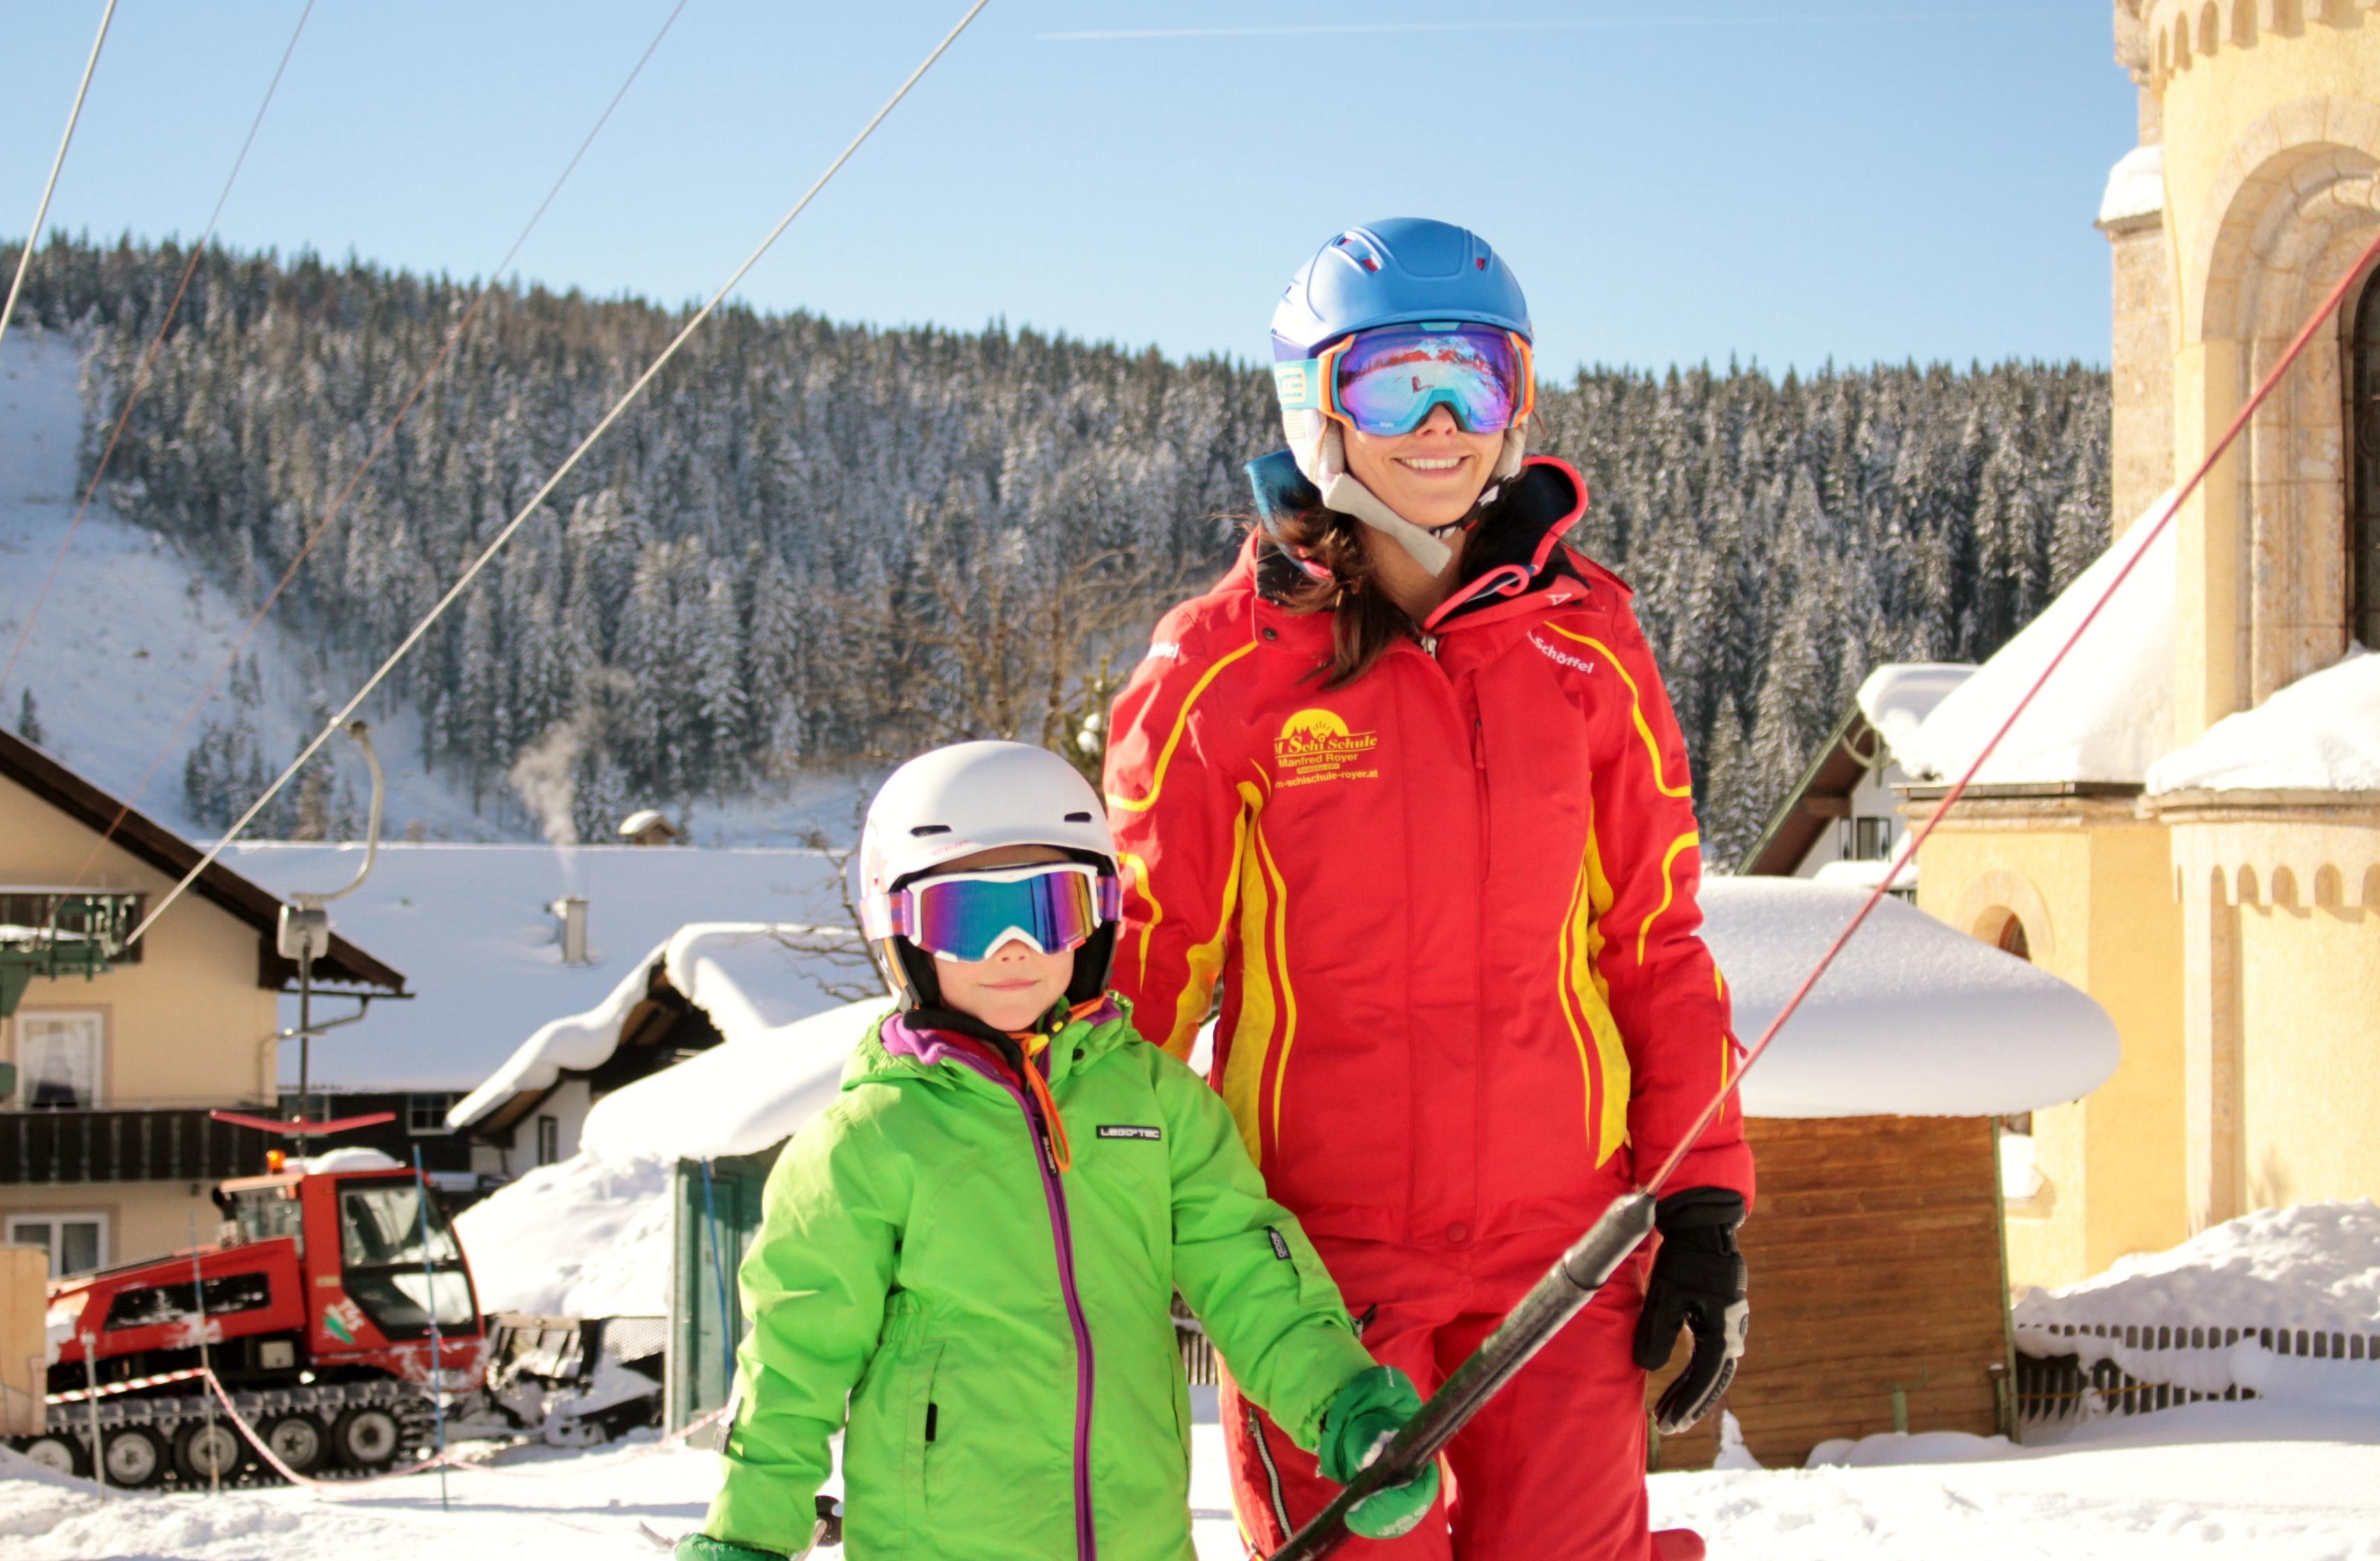 Privé skilessen voor kinderen - licht gevorderd